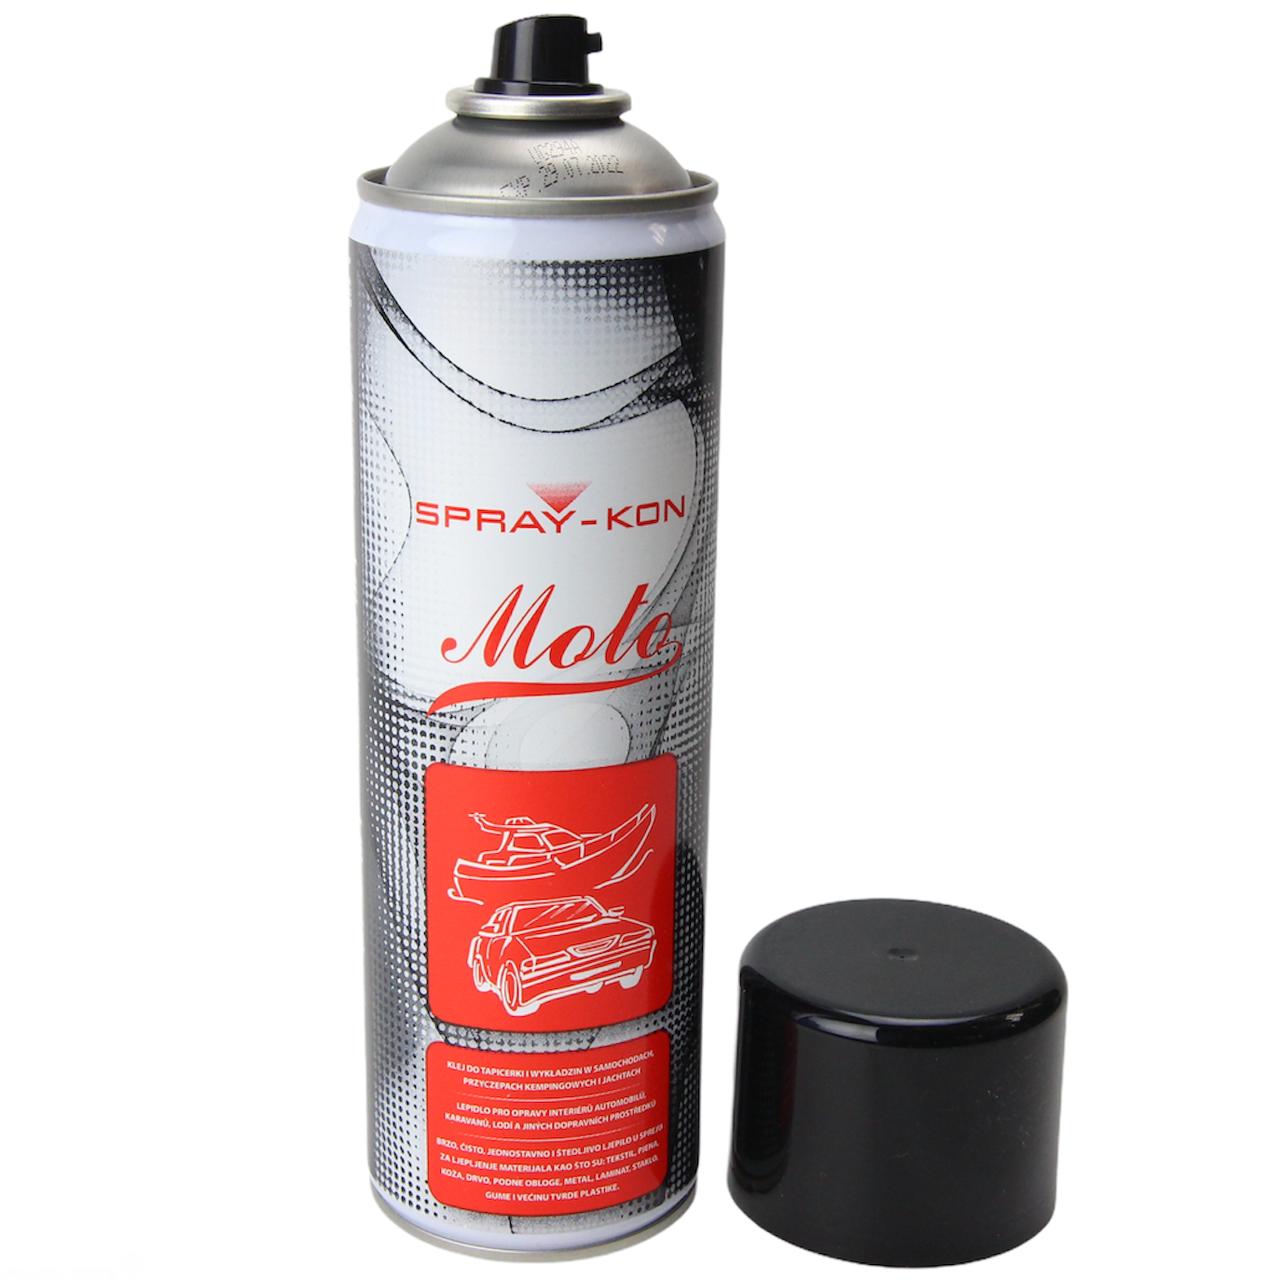 Аэрозольный контактный клей SPRAY-KON MOTO устойчив к высоким температурам +90°С (Польща) 500мл